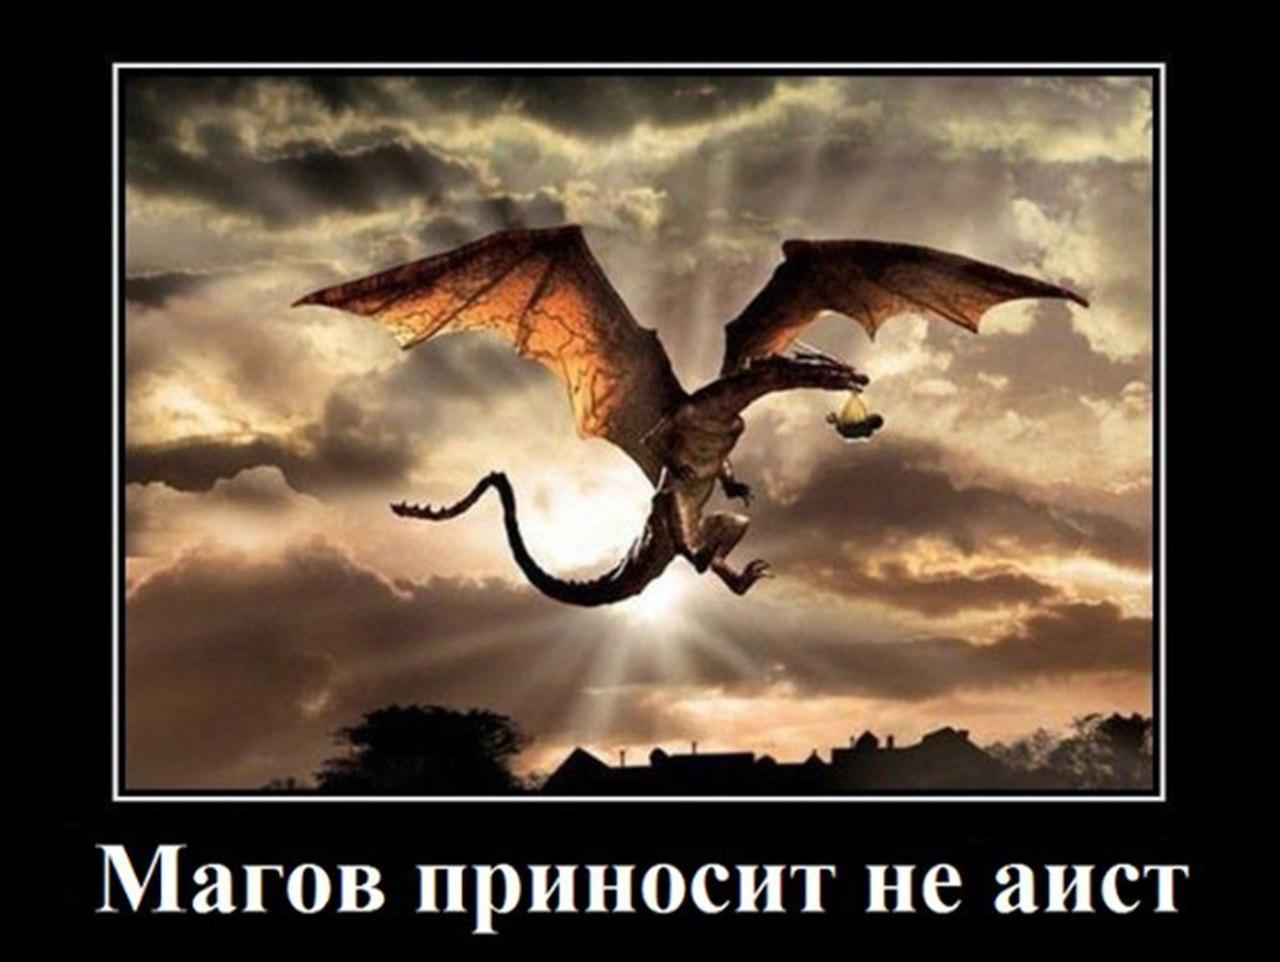 https://pp.vk.me/c638121/v638121883/585e/-jTSnAZGuCc.jpg